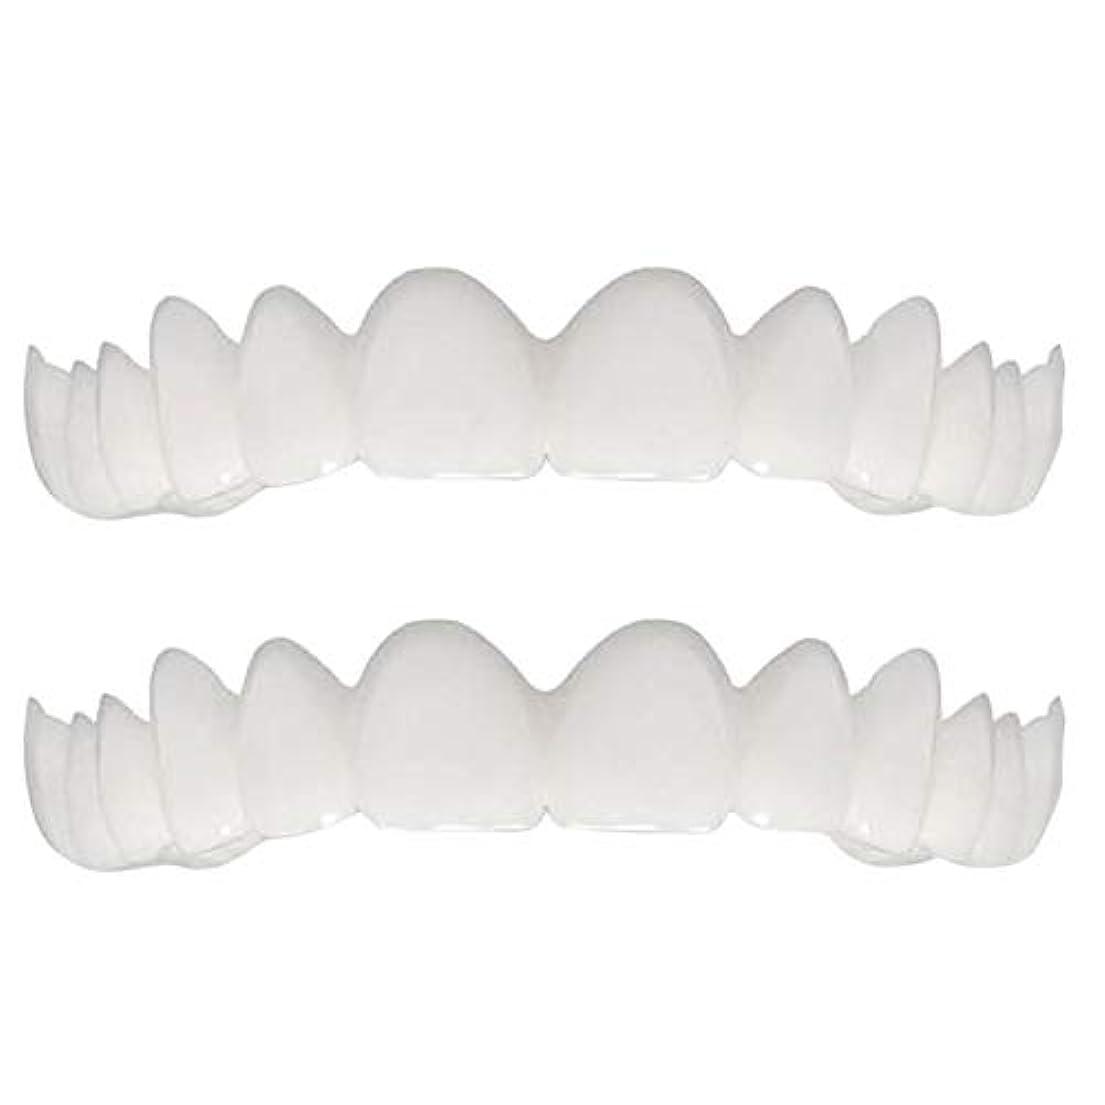 描く幸福衝突シリコーンシミュレーション義歯、白い歯ブレースの上下の列(2セット),Boxed,UpperLower